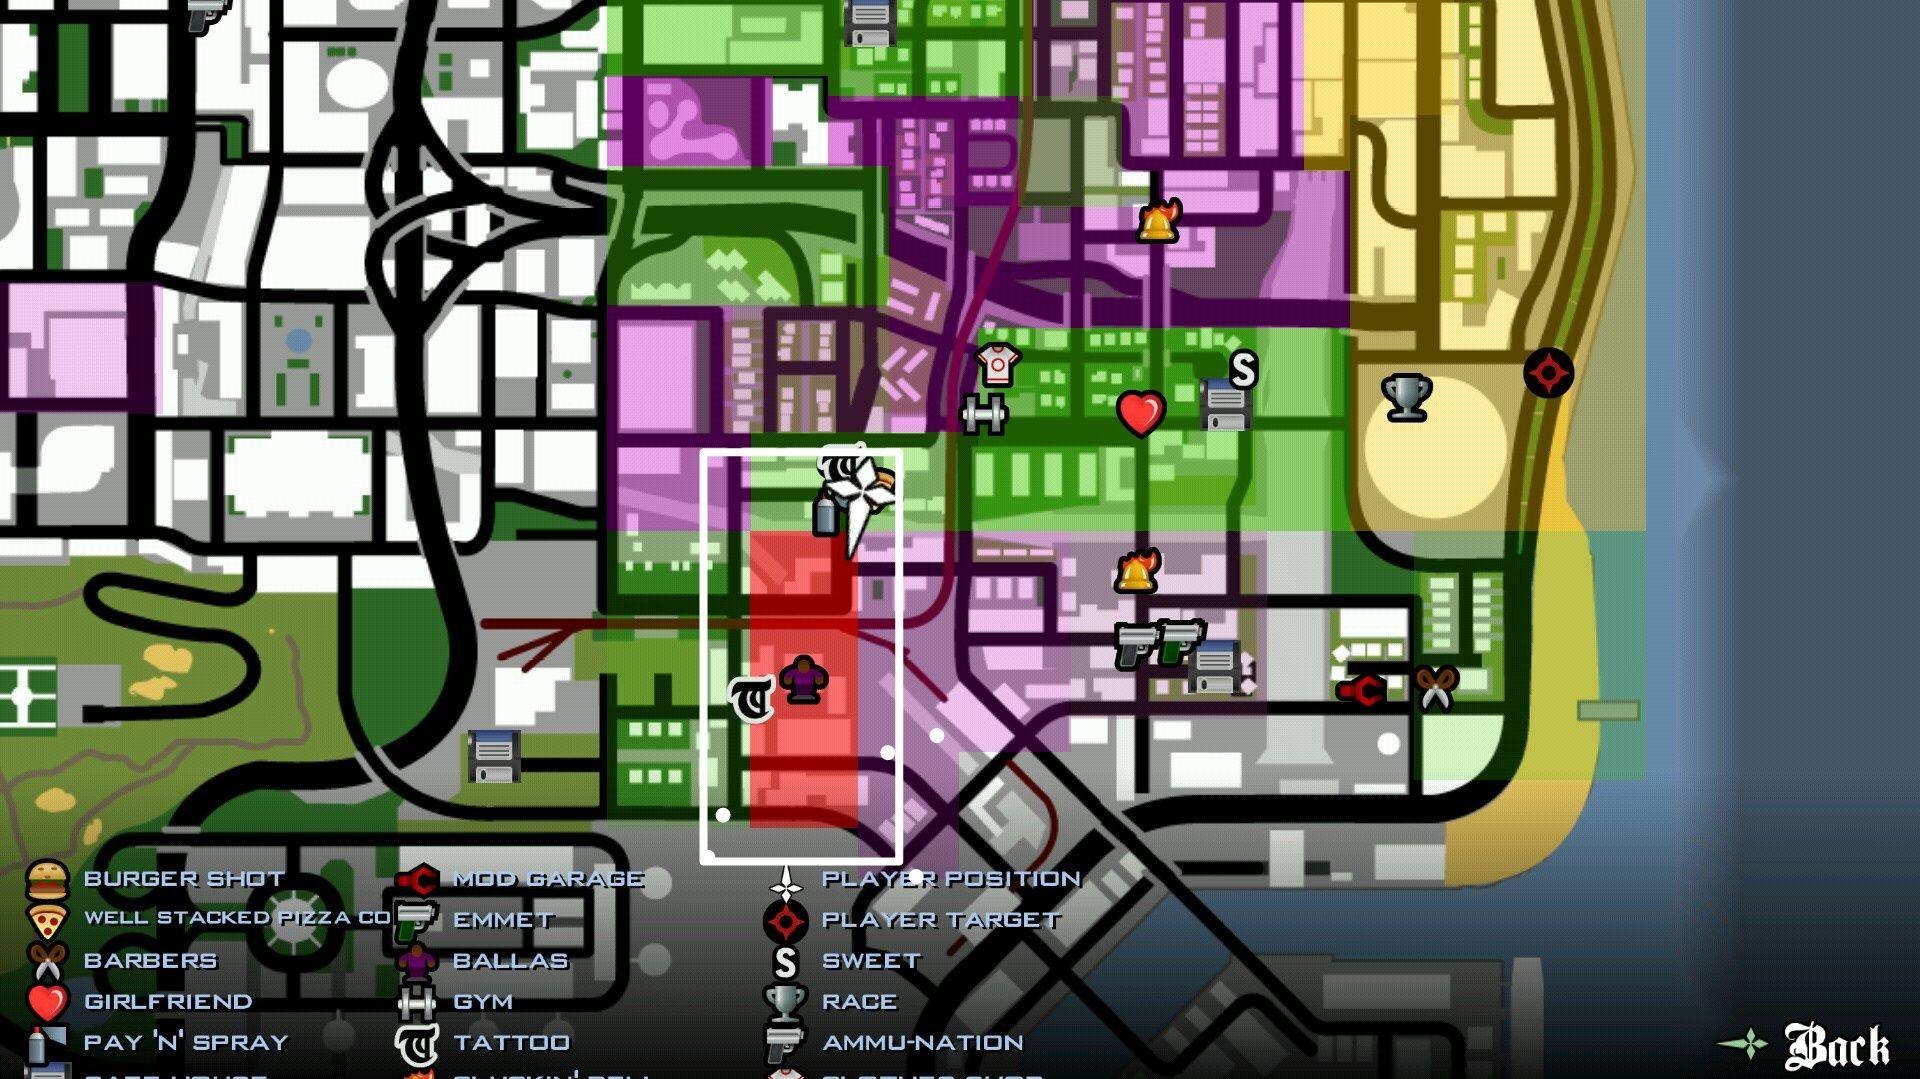 GTA San Andreas Gang Territory Under Attack